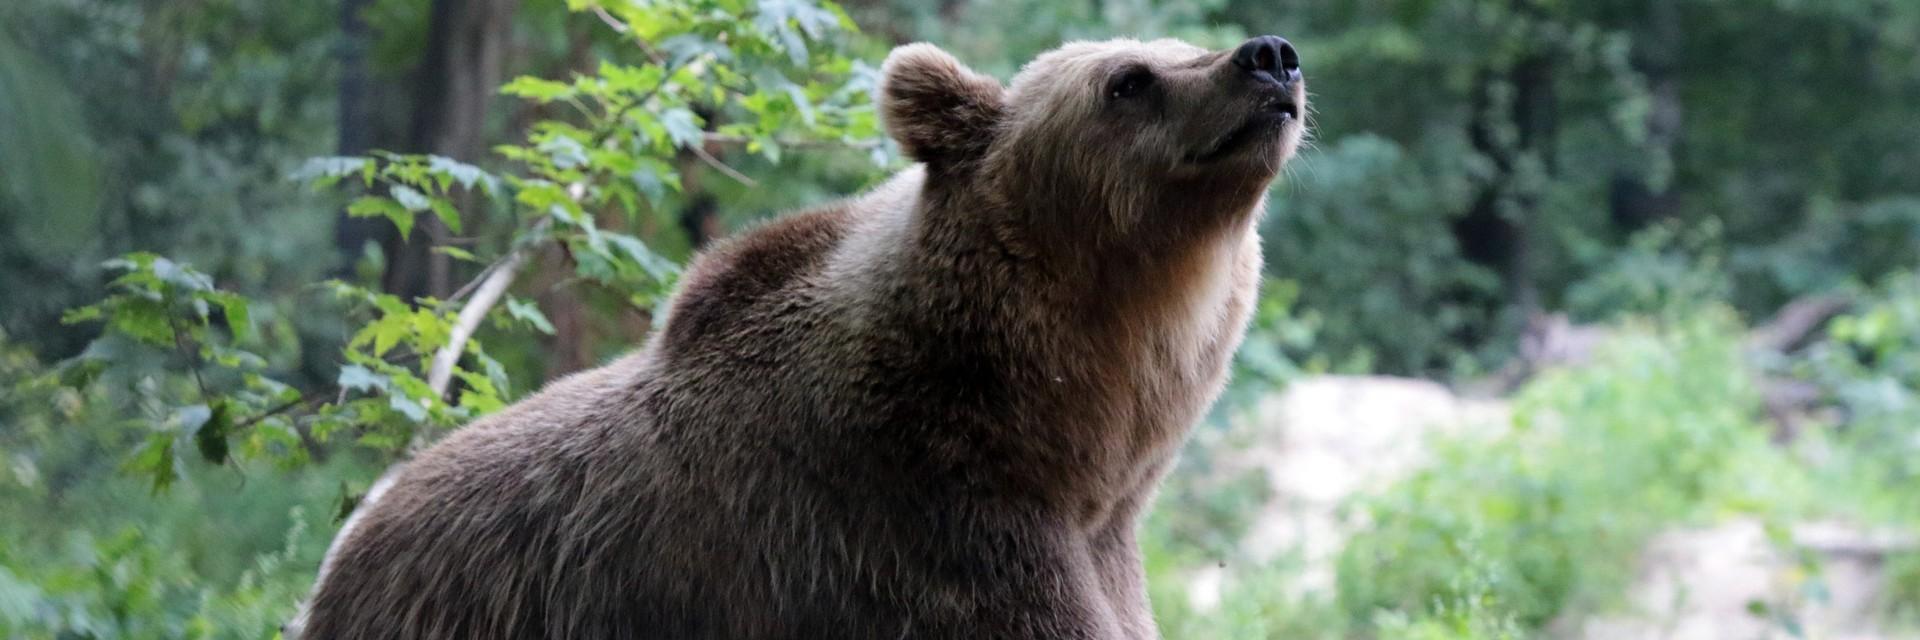 Bear Bodya at BEAR SANCTUARY Domazhyr